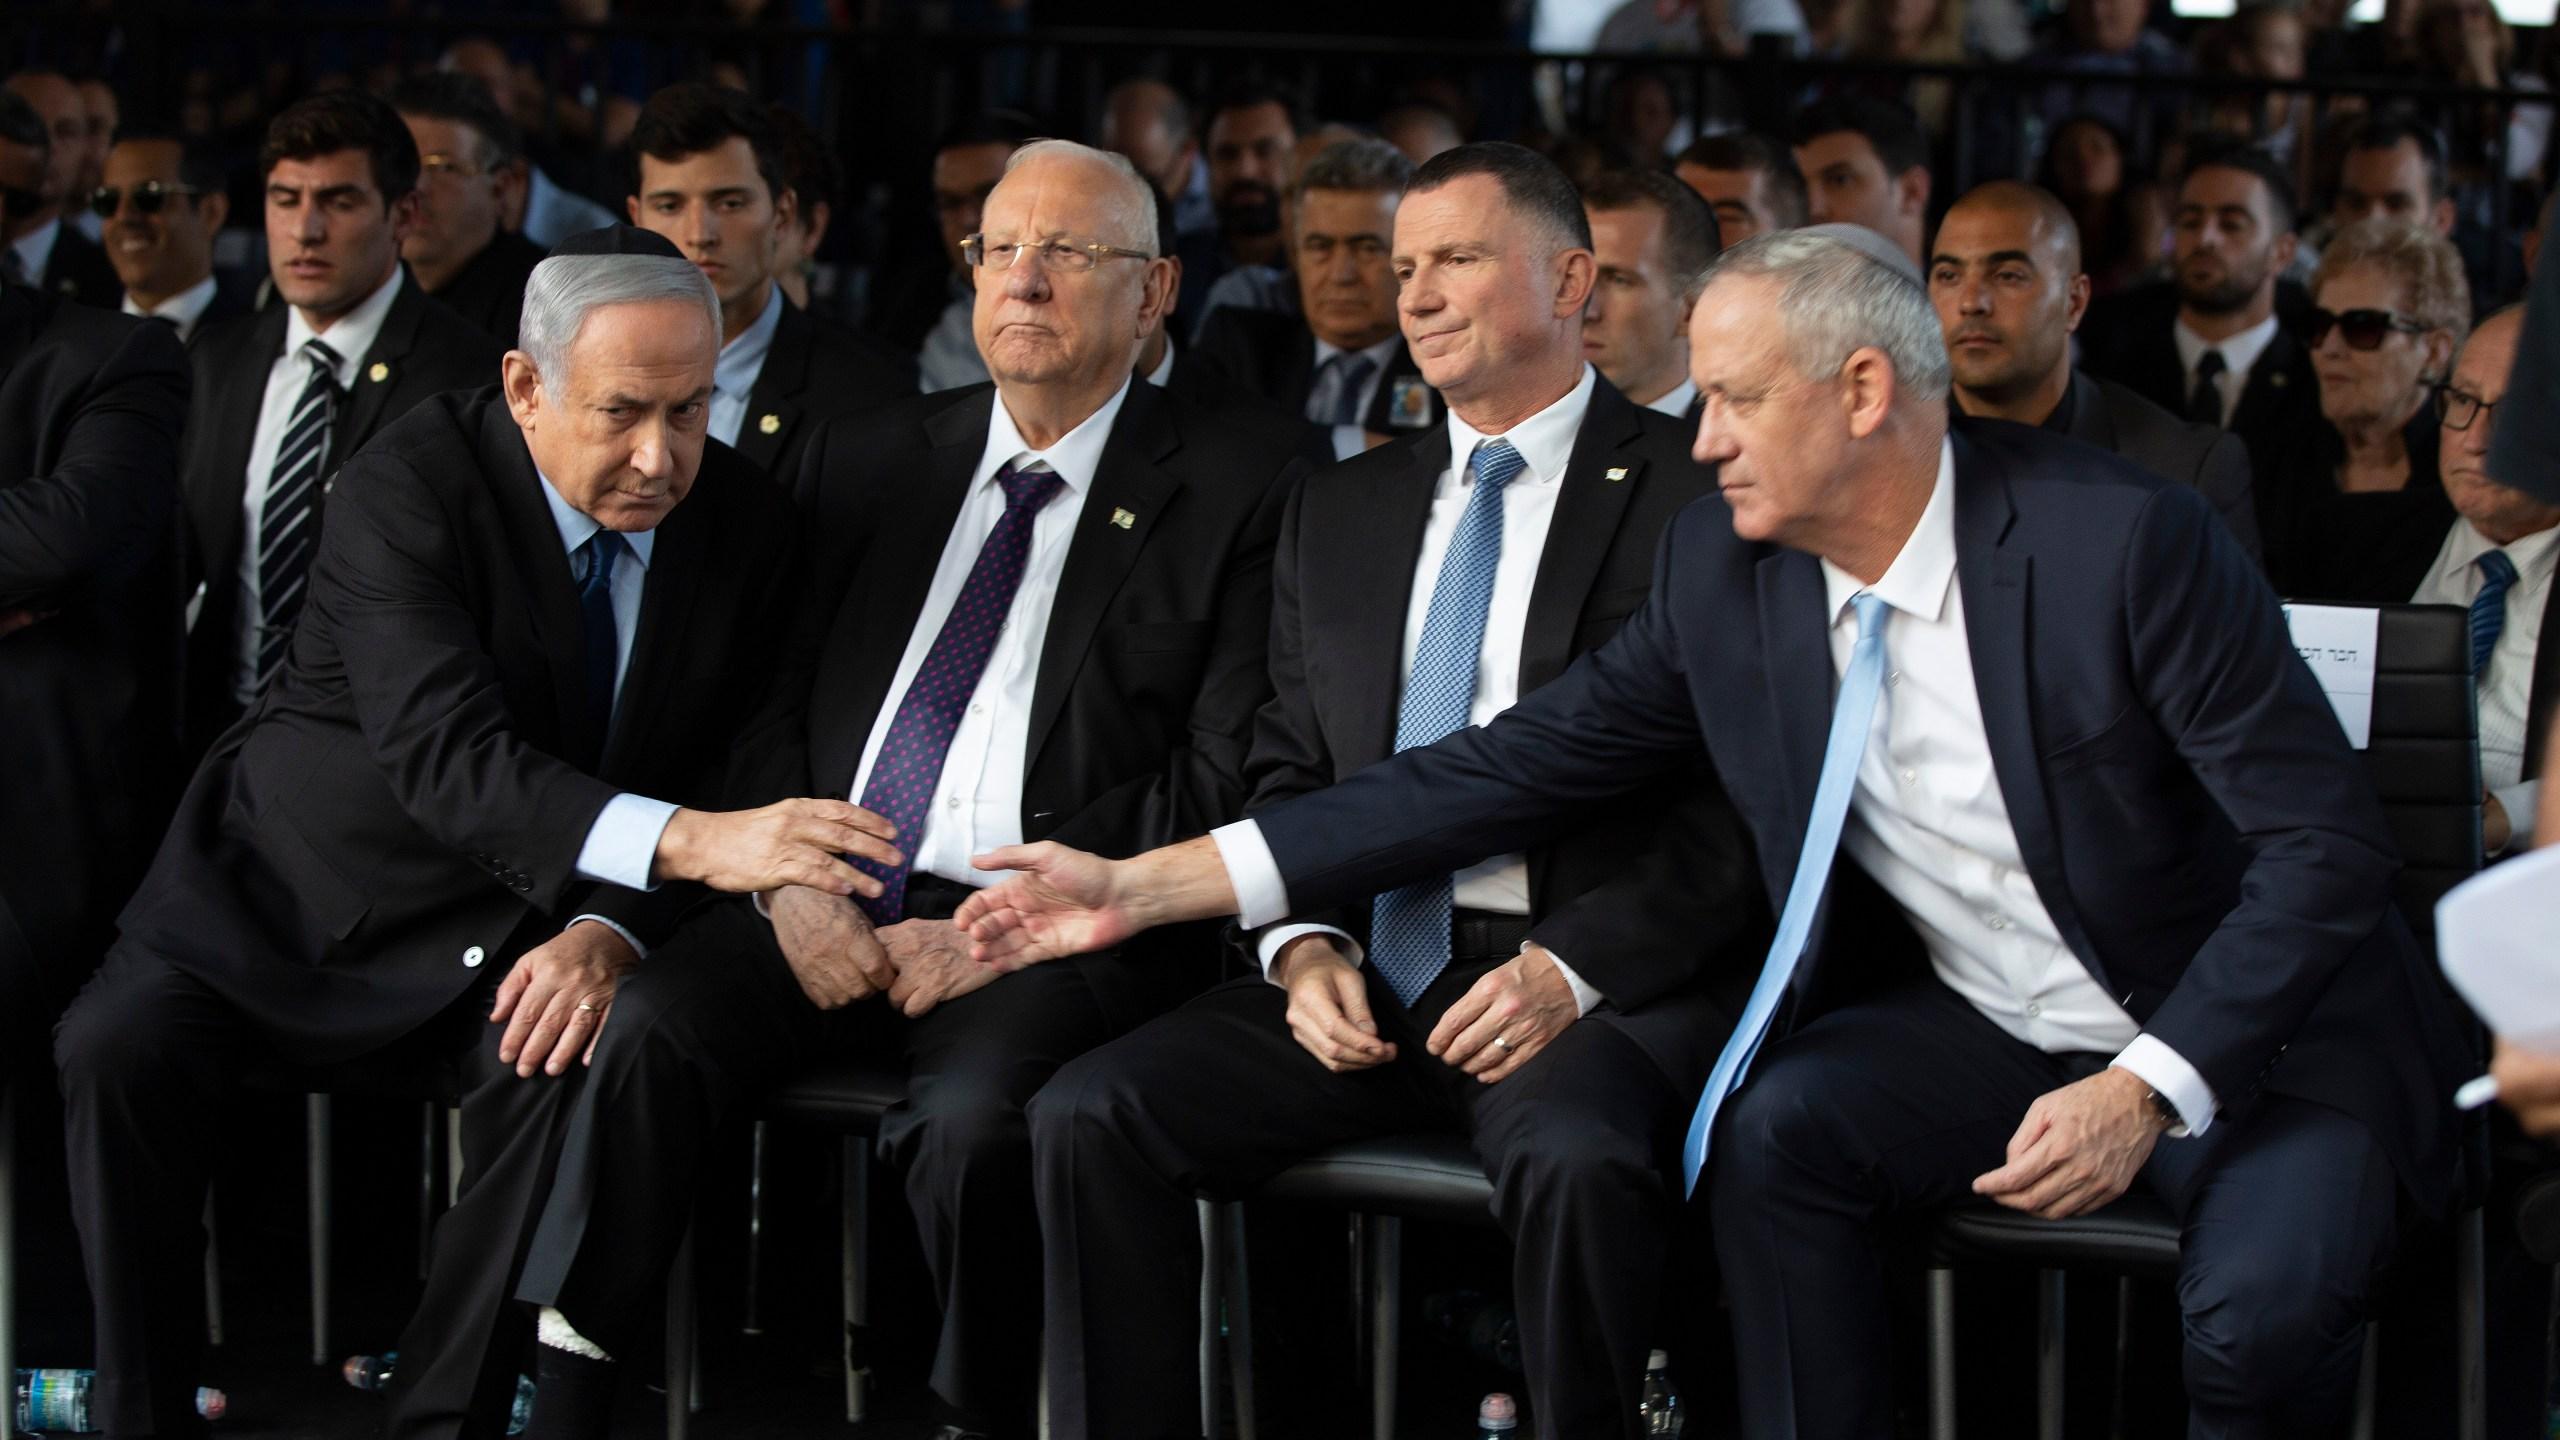 Benny Gantz, Benjamin Netanyahu